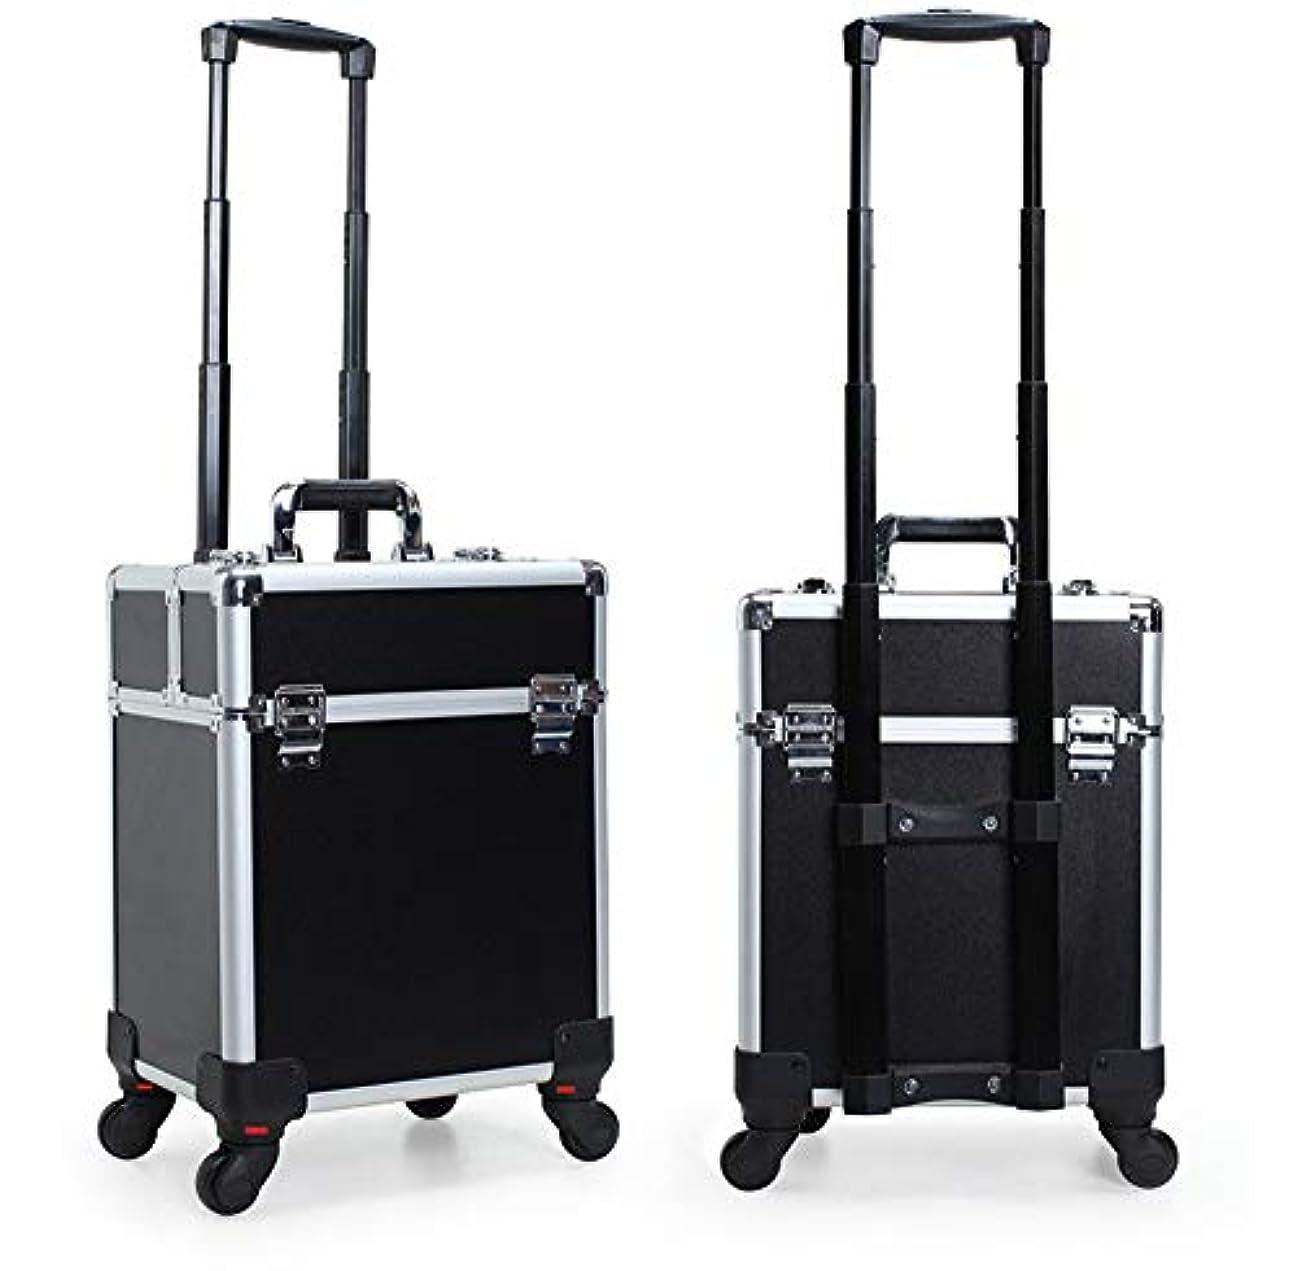 欲しいです粘性の上院GOGOS コスメボックス 大容量 プロ仕様 メイクボックス スーツケース型 化粧品収納ボックス 4輪 キャスター付き アルミ製 出張 携帯 便利